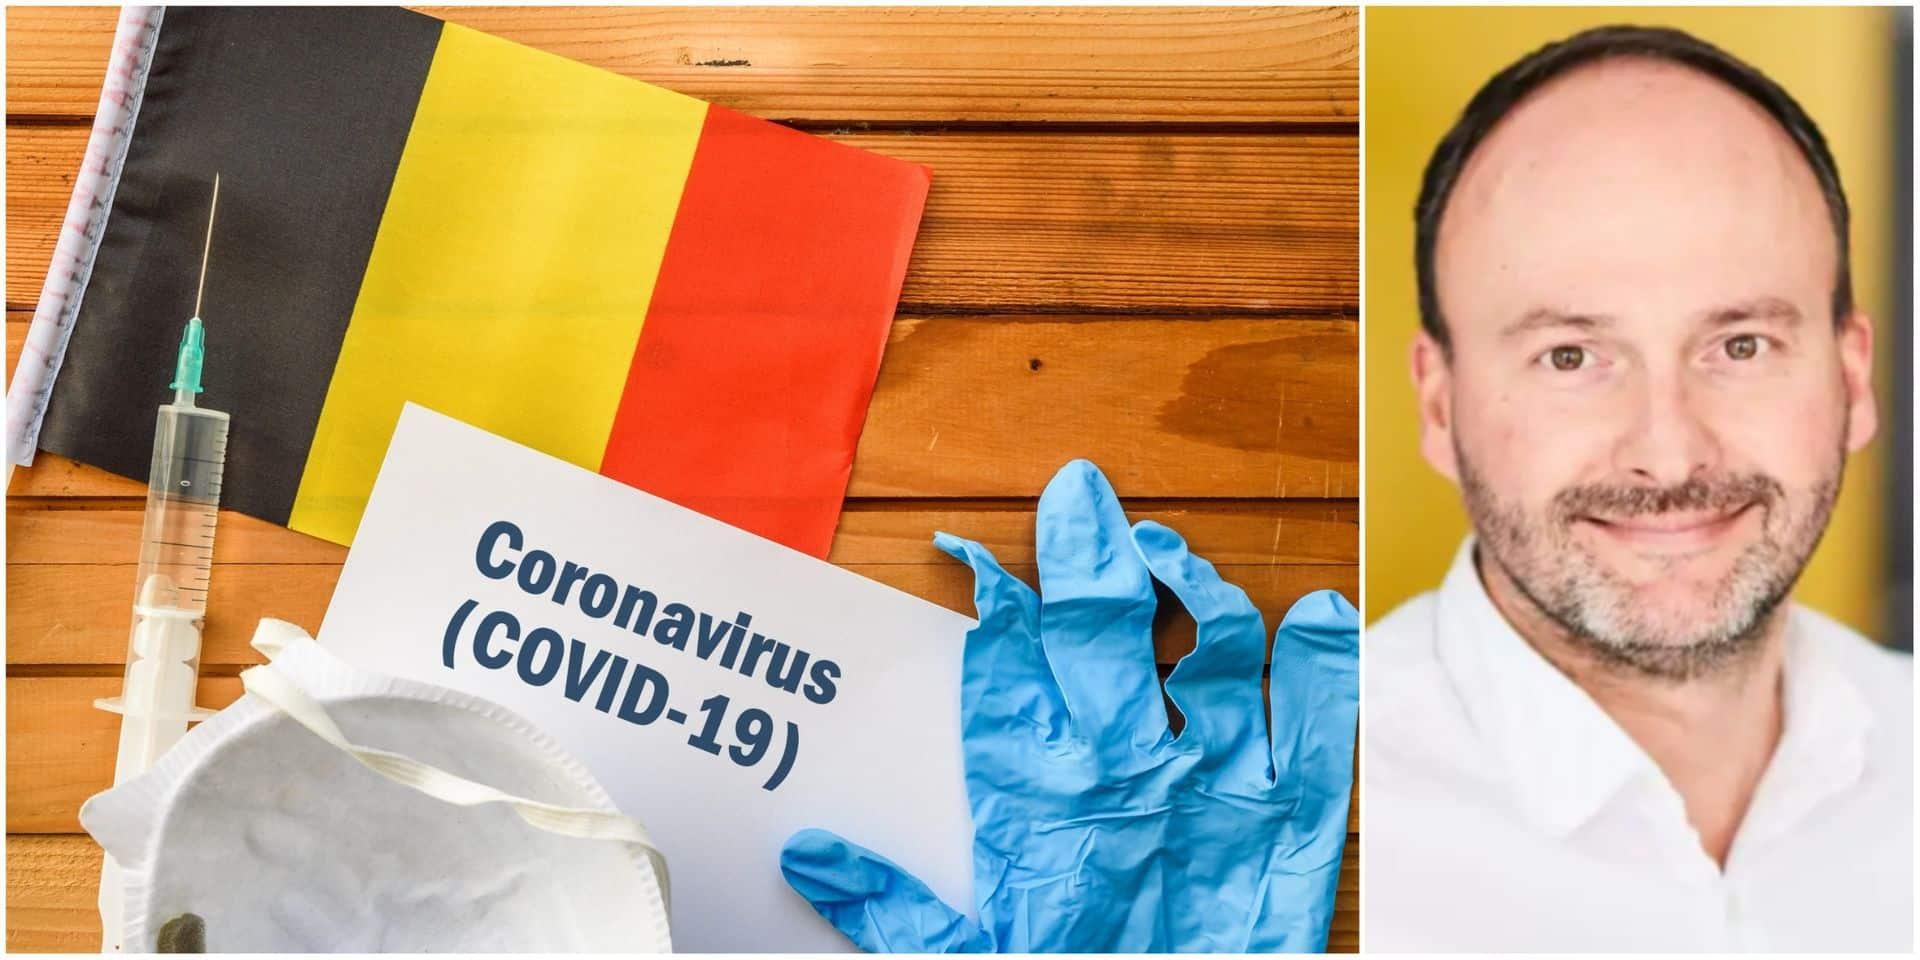 Ce que l'on sait aujourd'hui des cinq vaccins contre le Covid-19 qui seront disponibles en Belgique